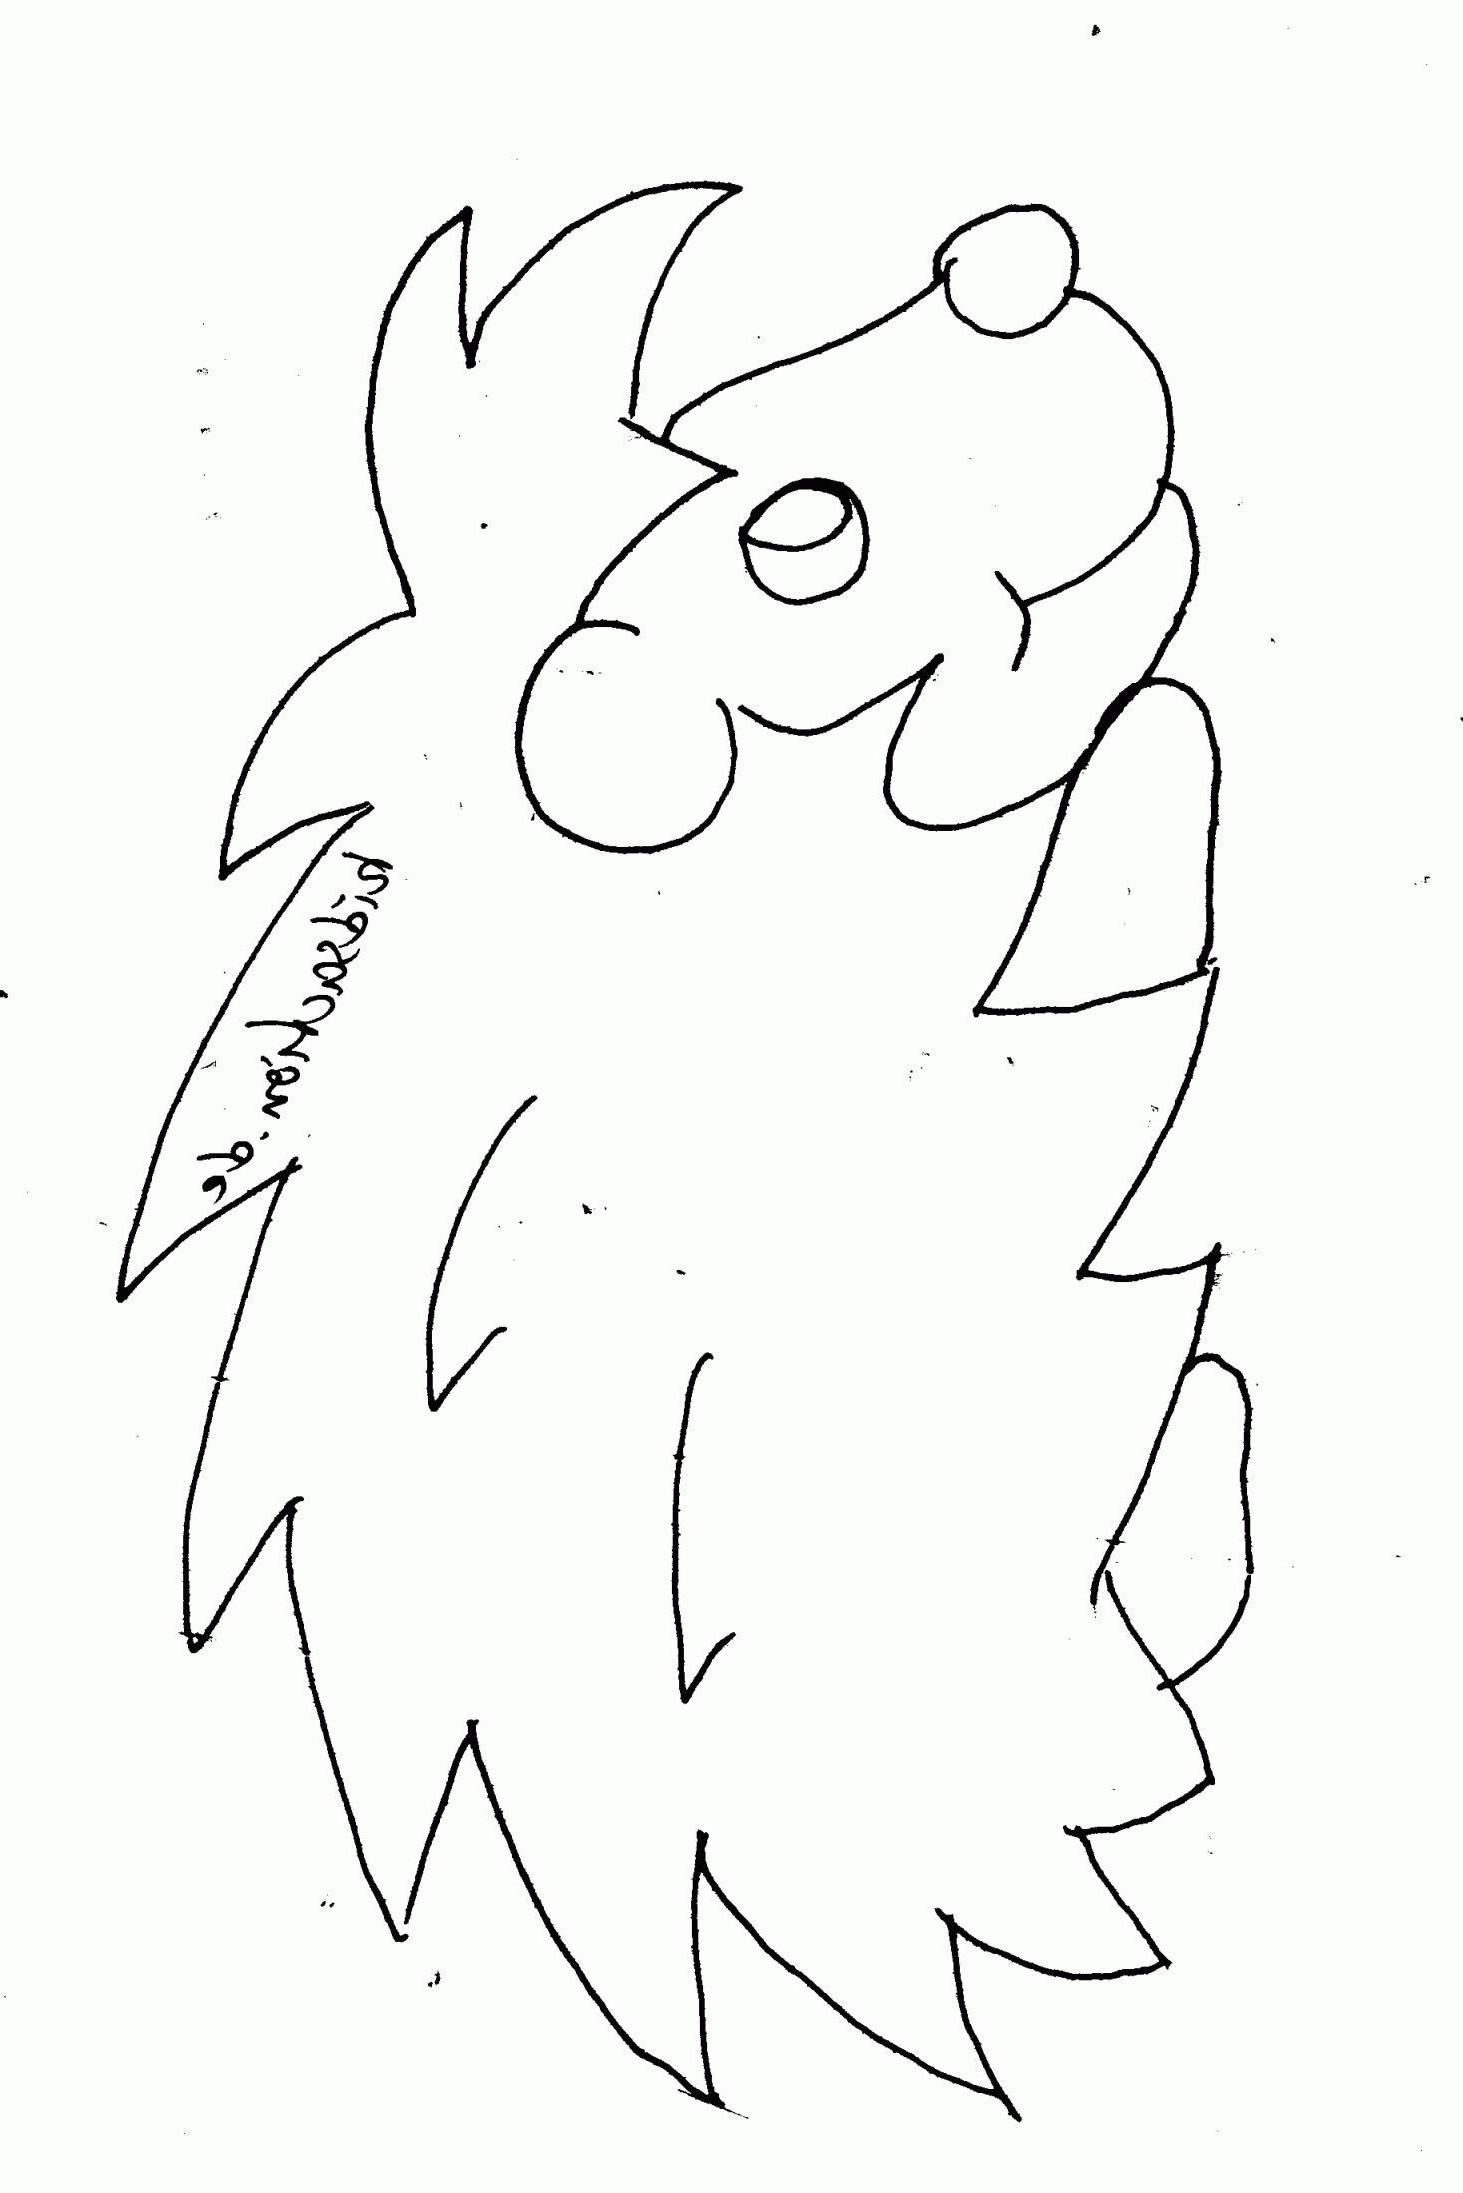 Blaze Und Die Monster Maschinen Ausmalbilder Genial 41 Schön Ausmalbilder Kleinkind – Große Coloring Page Sammlung Bilder